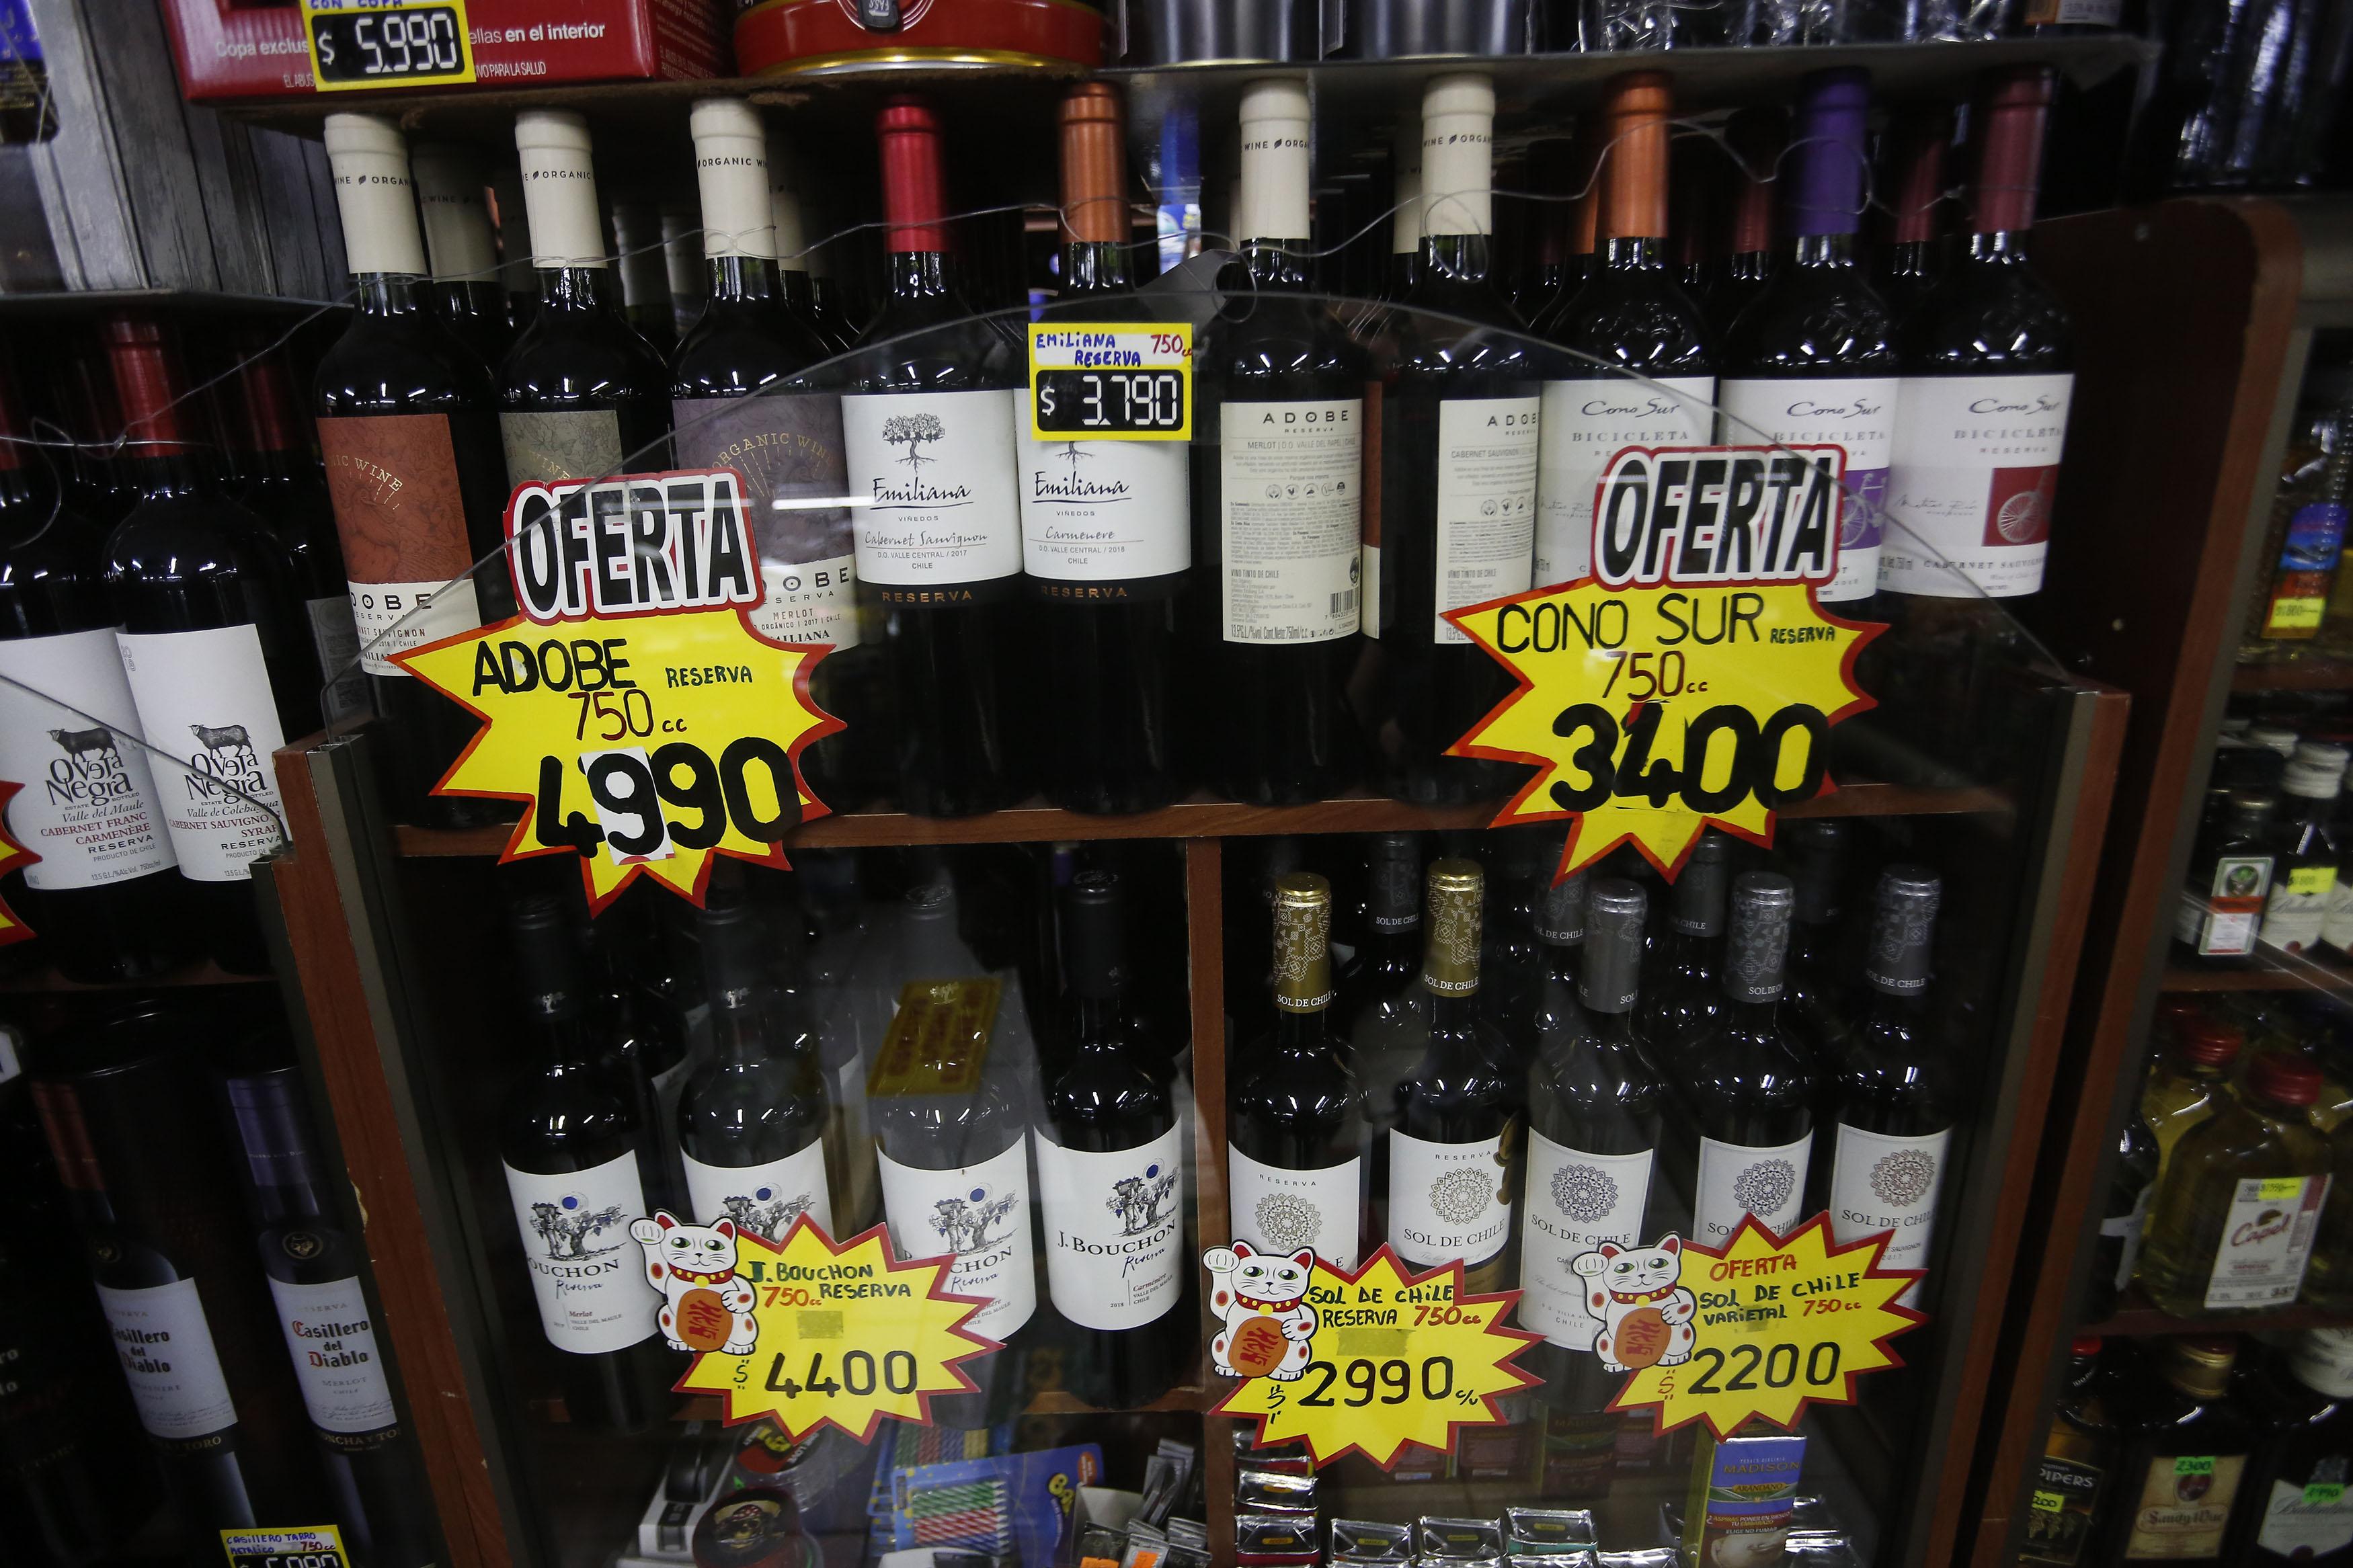 Gobierno busca prohibir venta de alcohol a menores de edad a través de apps de delivery